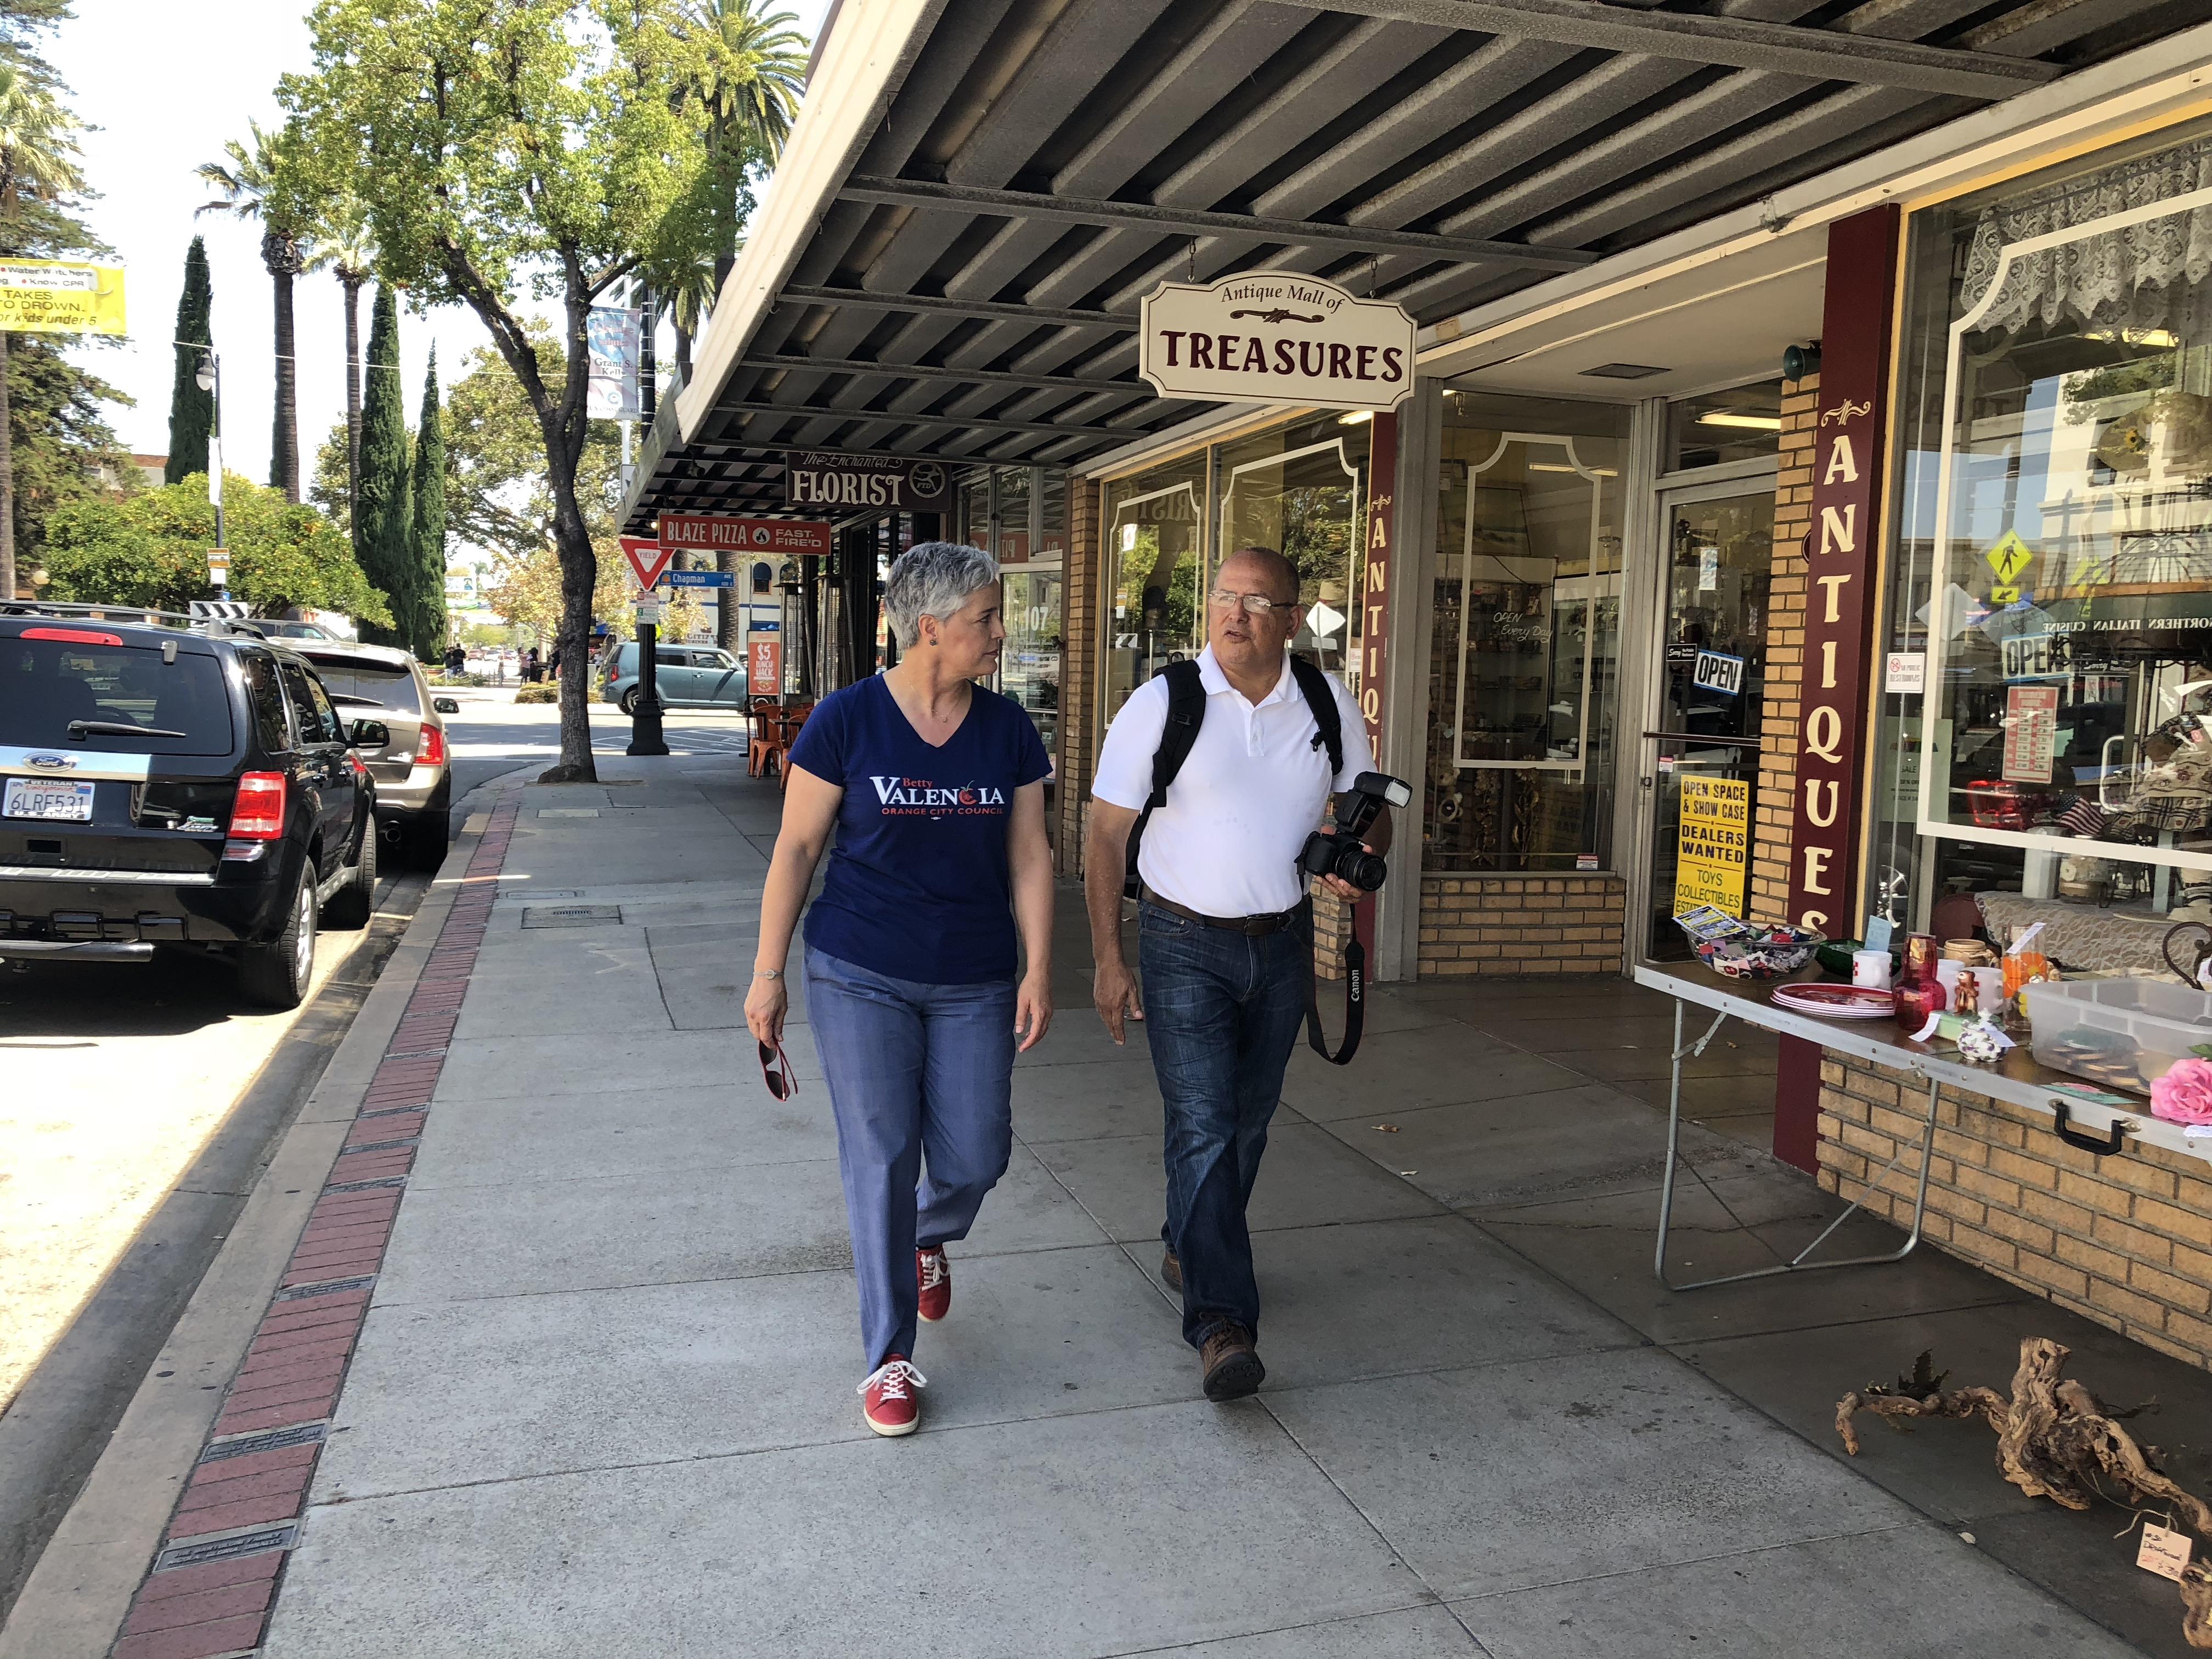 Walking Old Towne